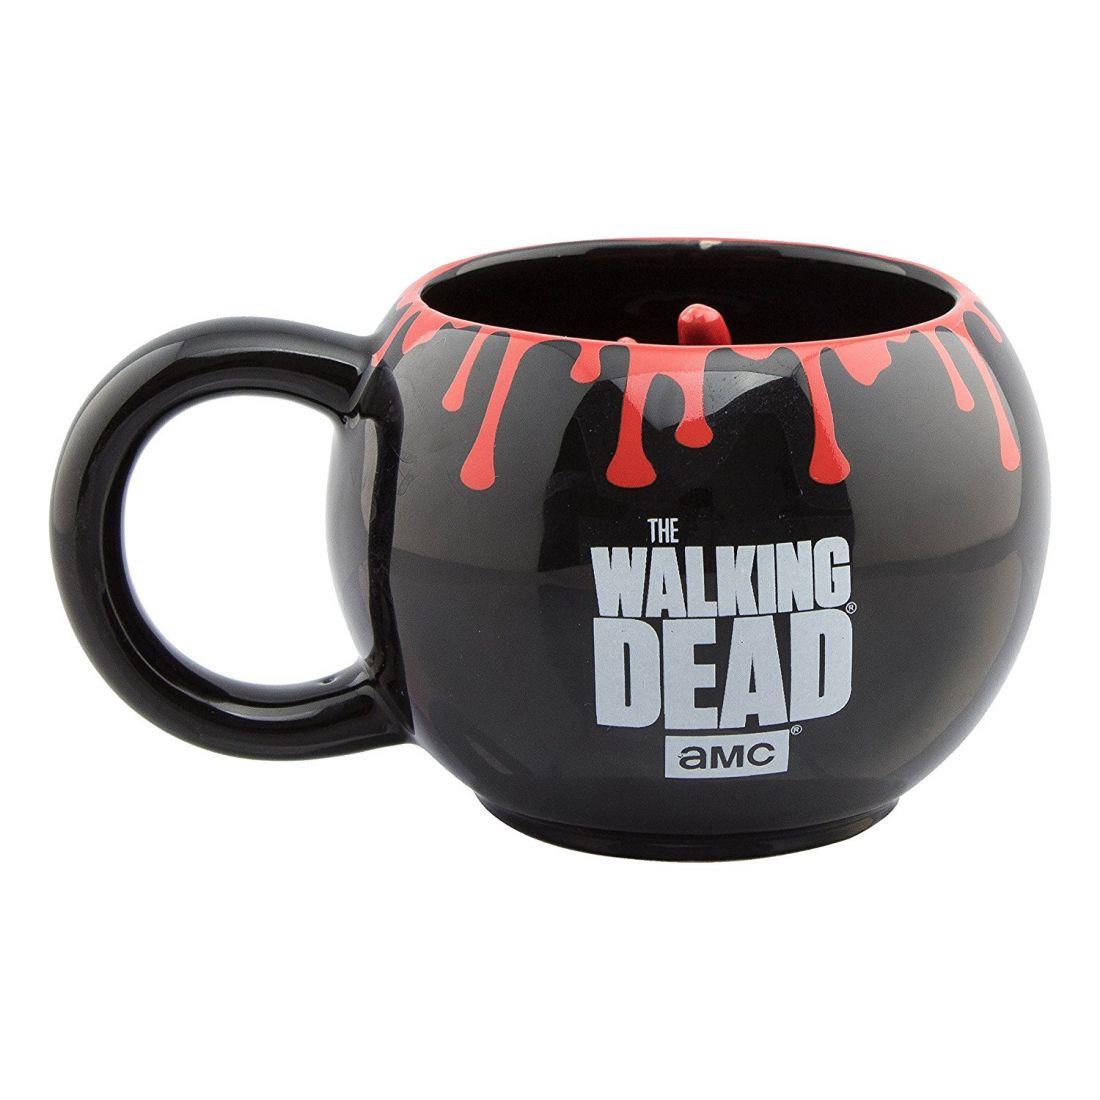 Tasse The walking dead avec main zombie